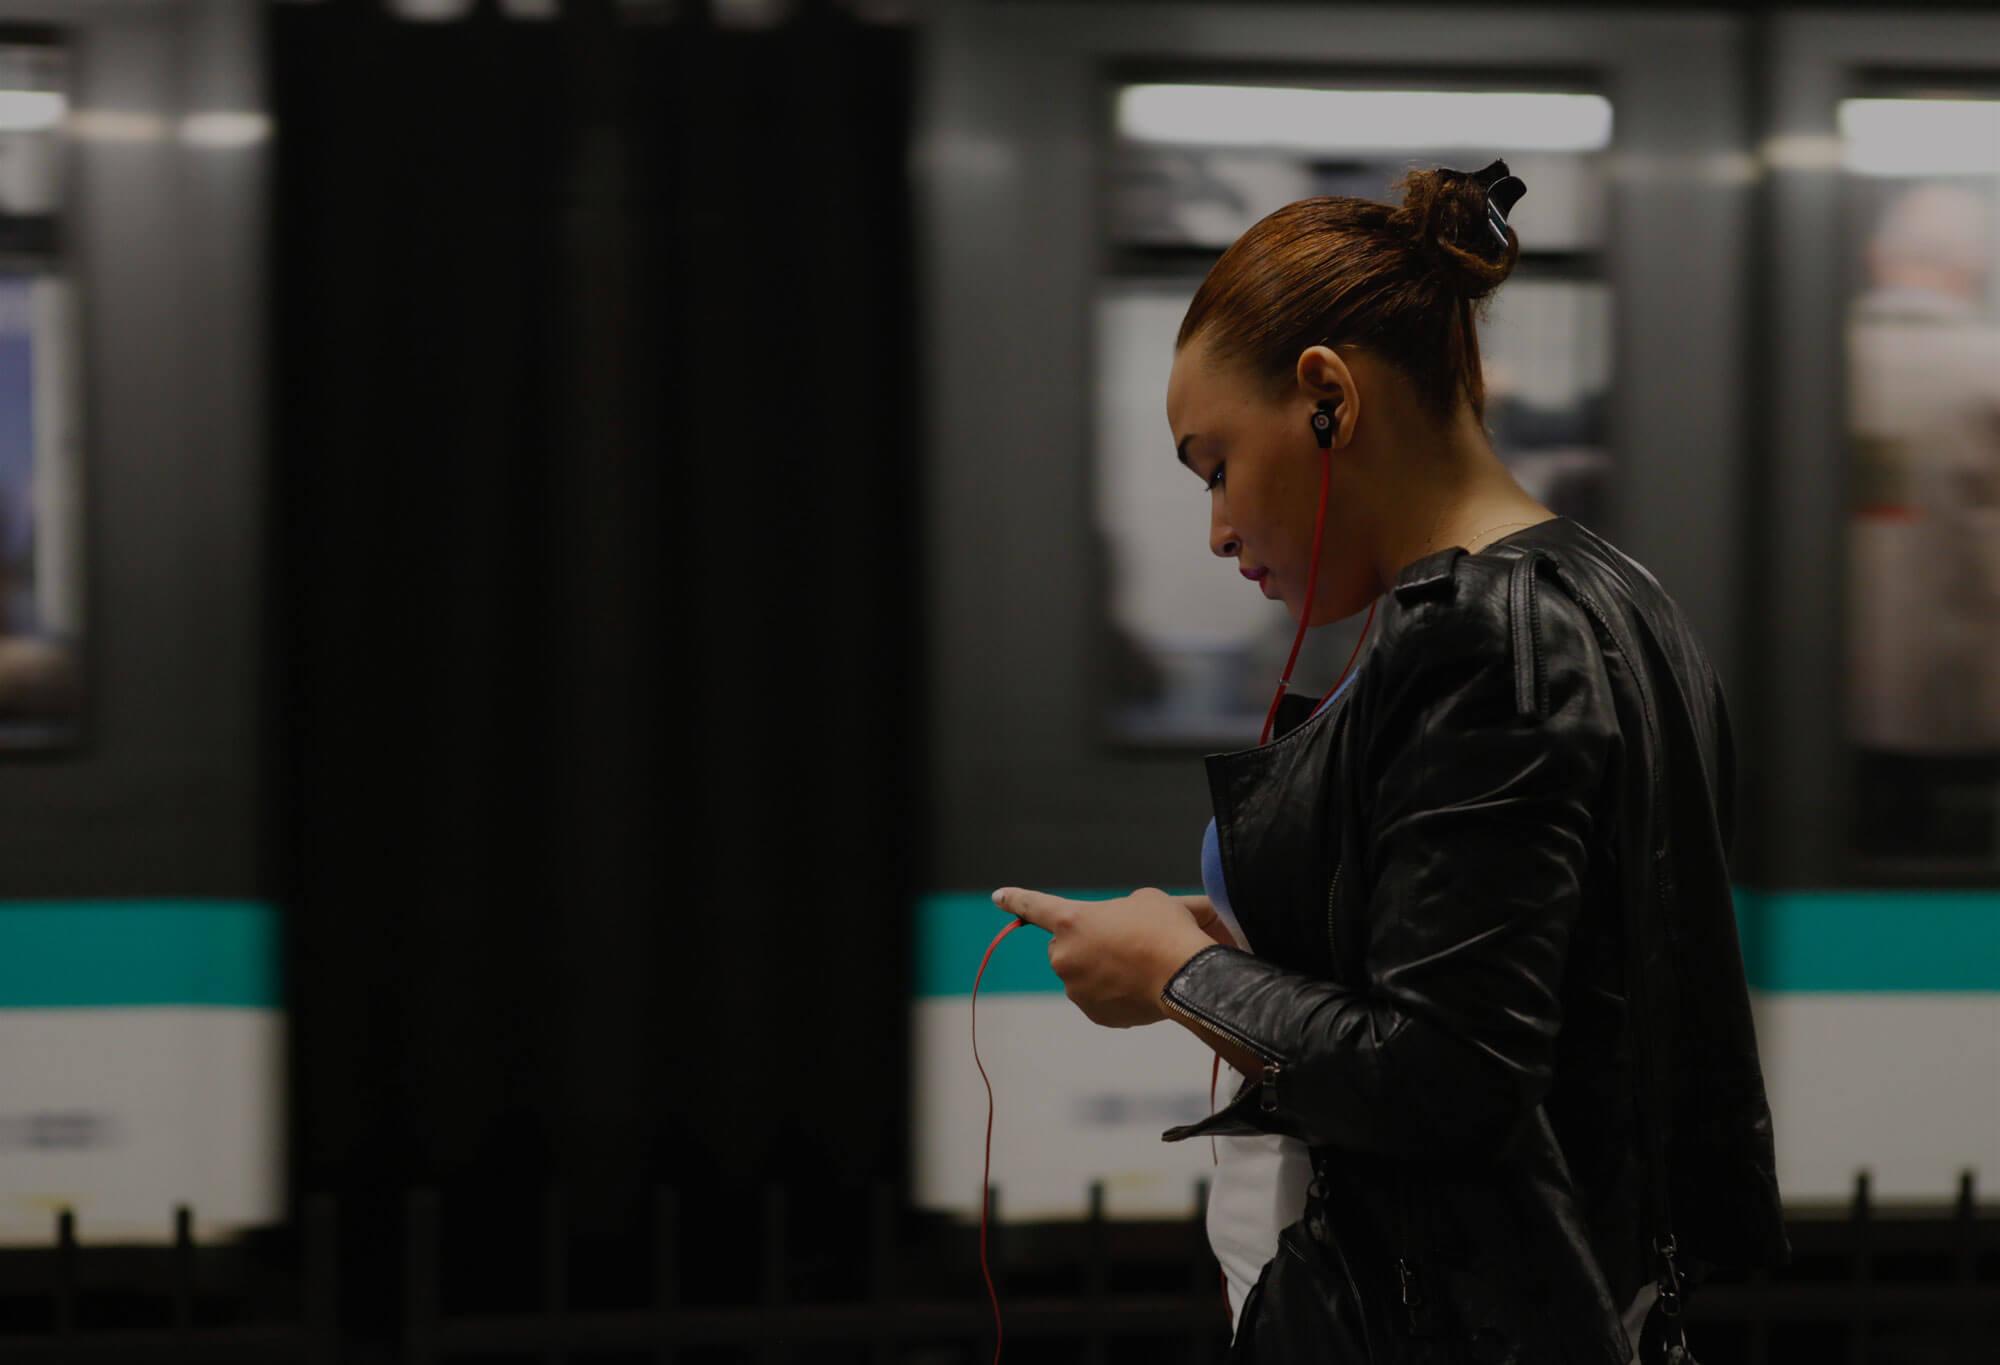 Pole emploi - offre emploi Chargé de clientèle bilingue anglais (H/F) - Clichy